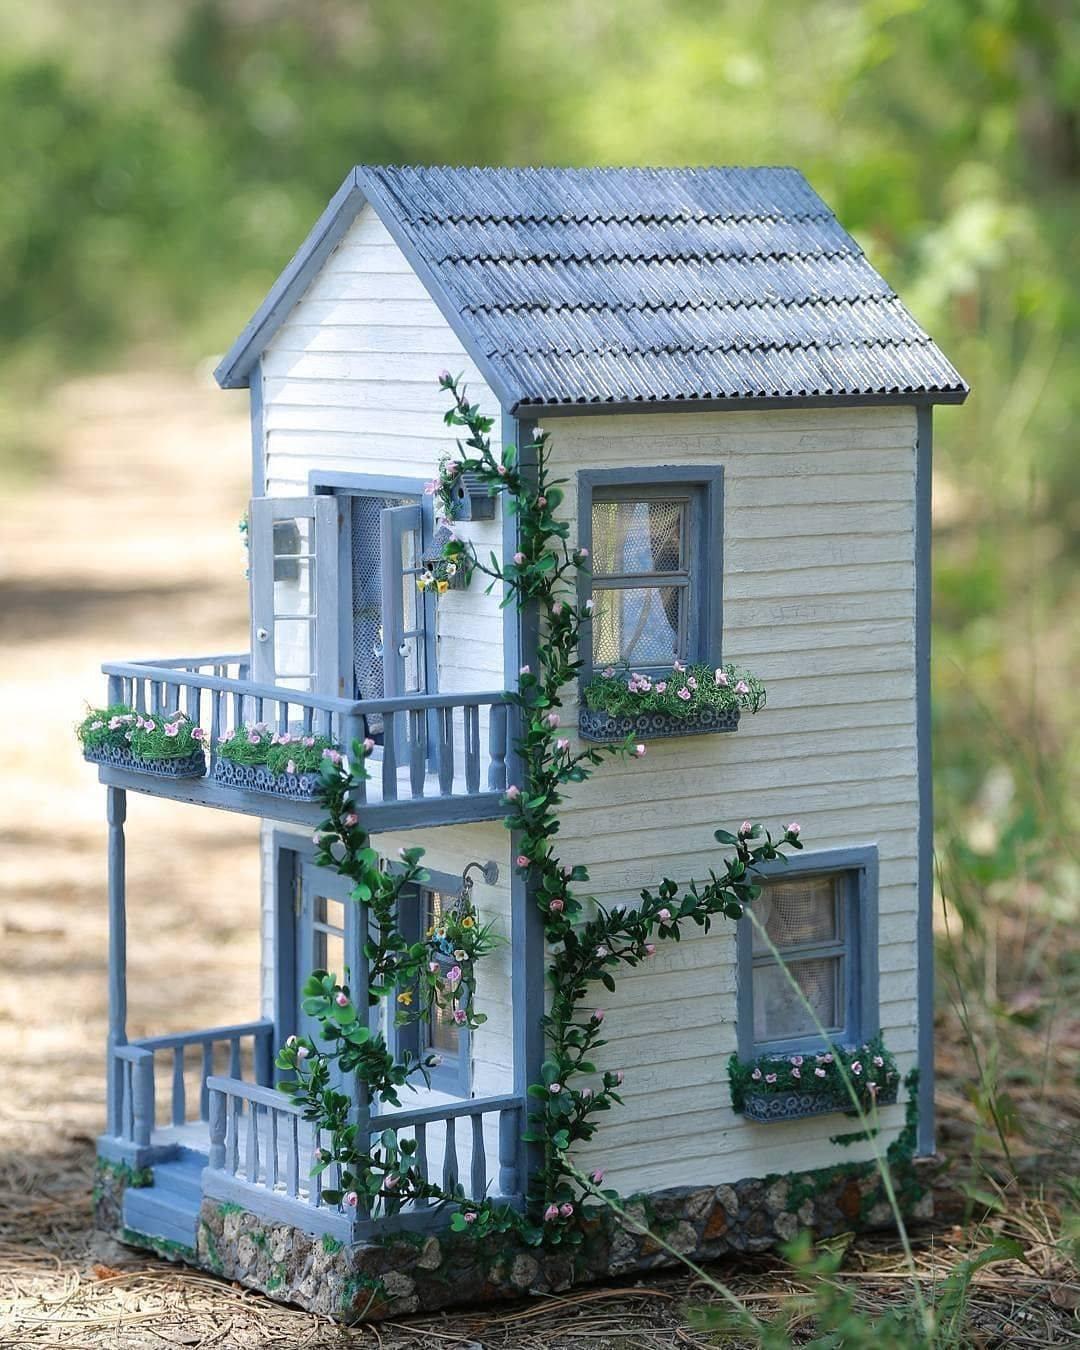 Топ маленьких домов: 10 лучших компактных зданий топ маленьких домов: 10 лучших компактных зданий